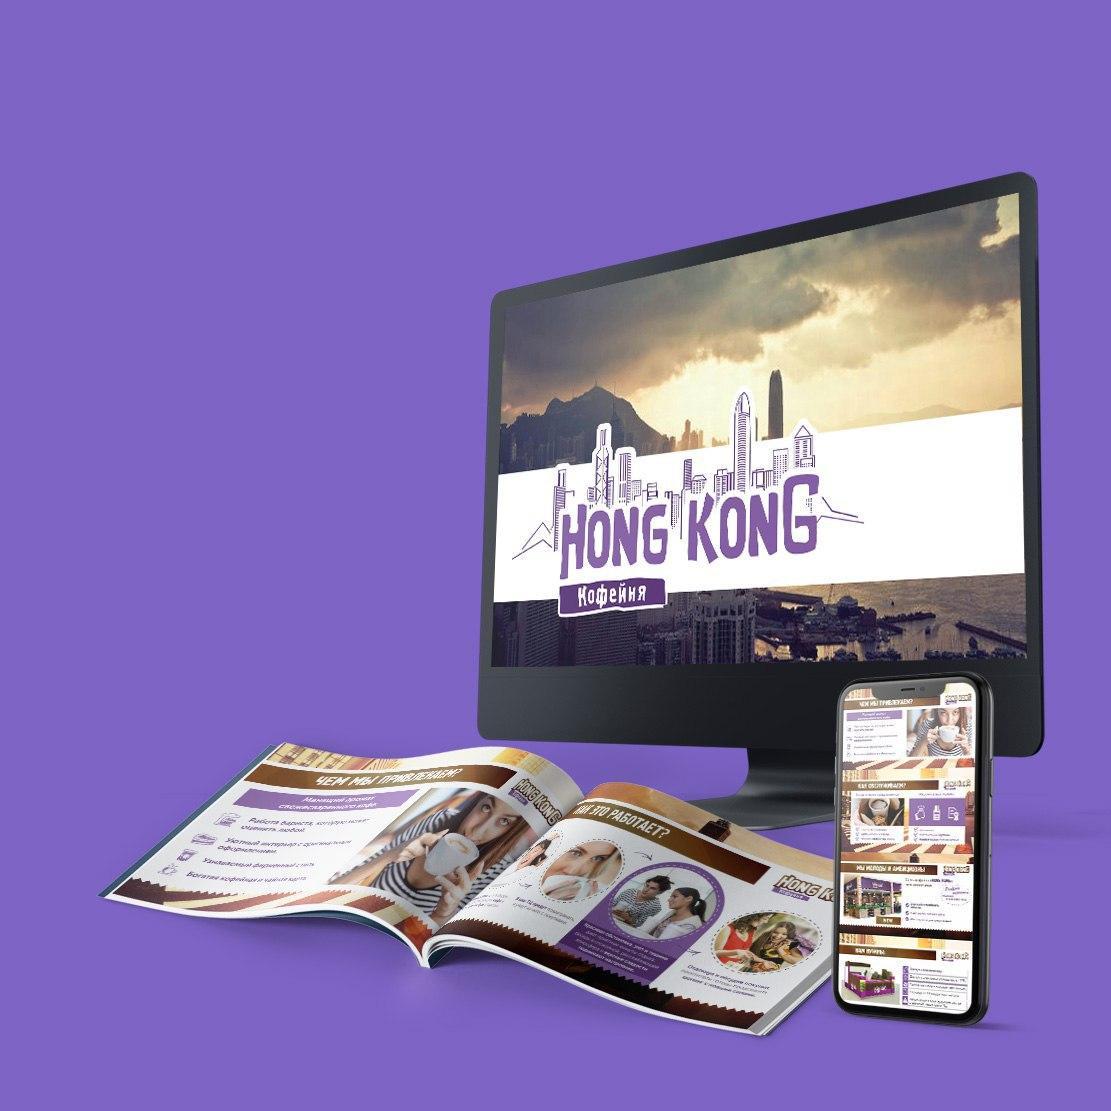 Презентация кофейни Hong Kong для аренды места в торговом центре